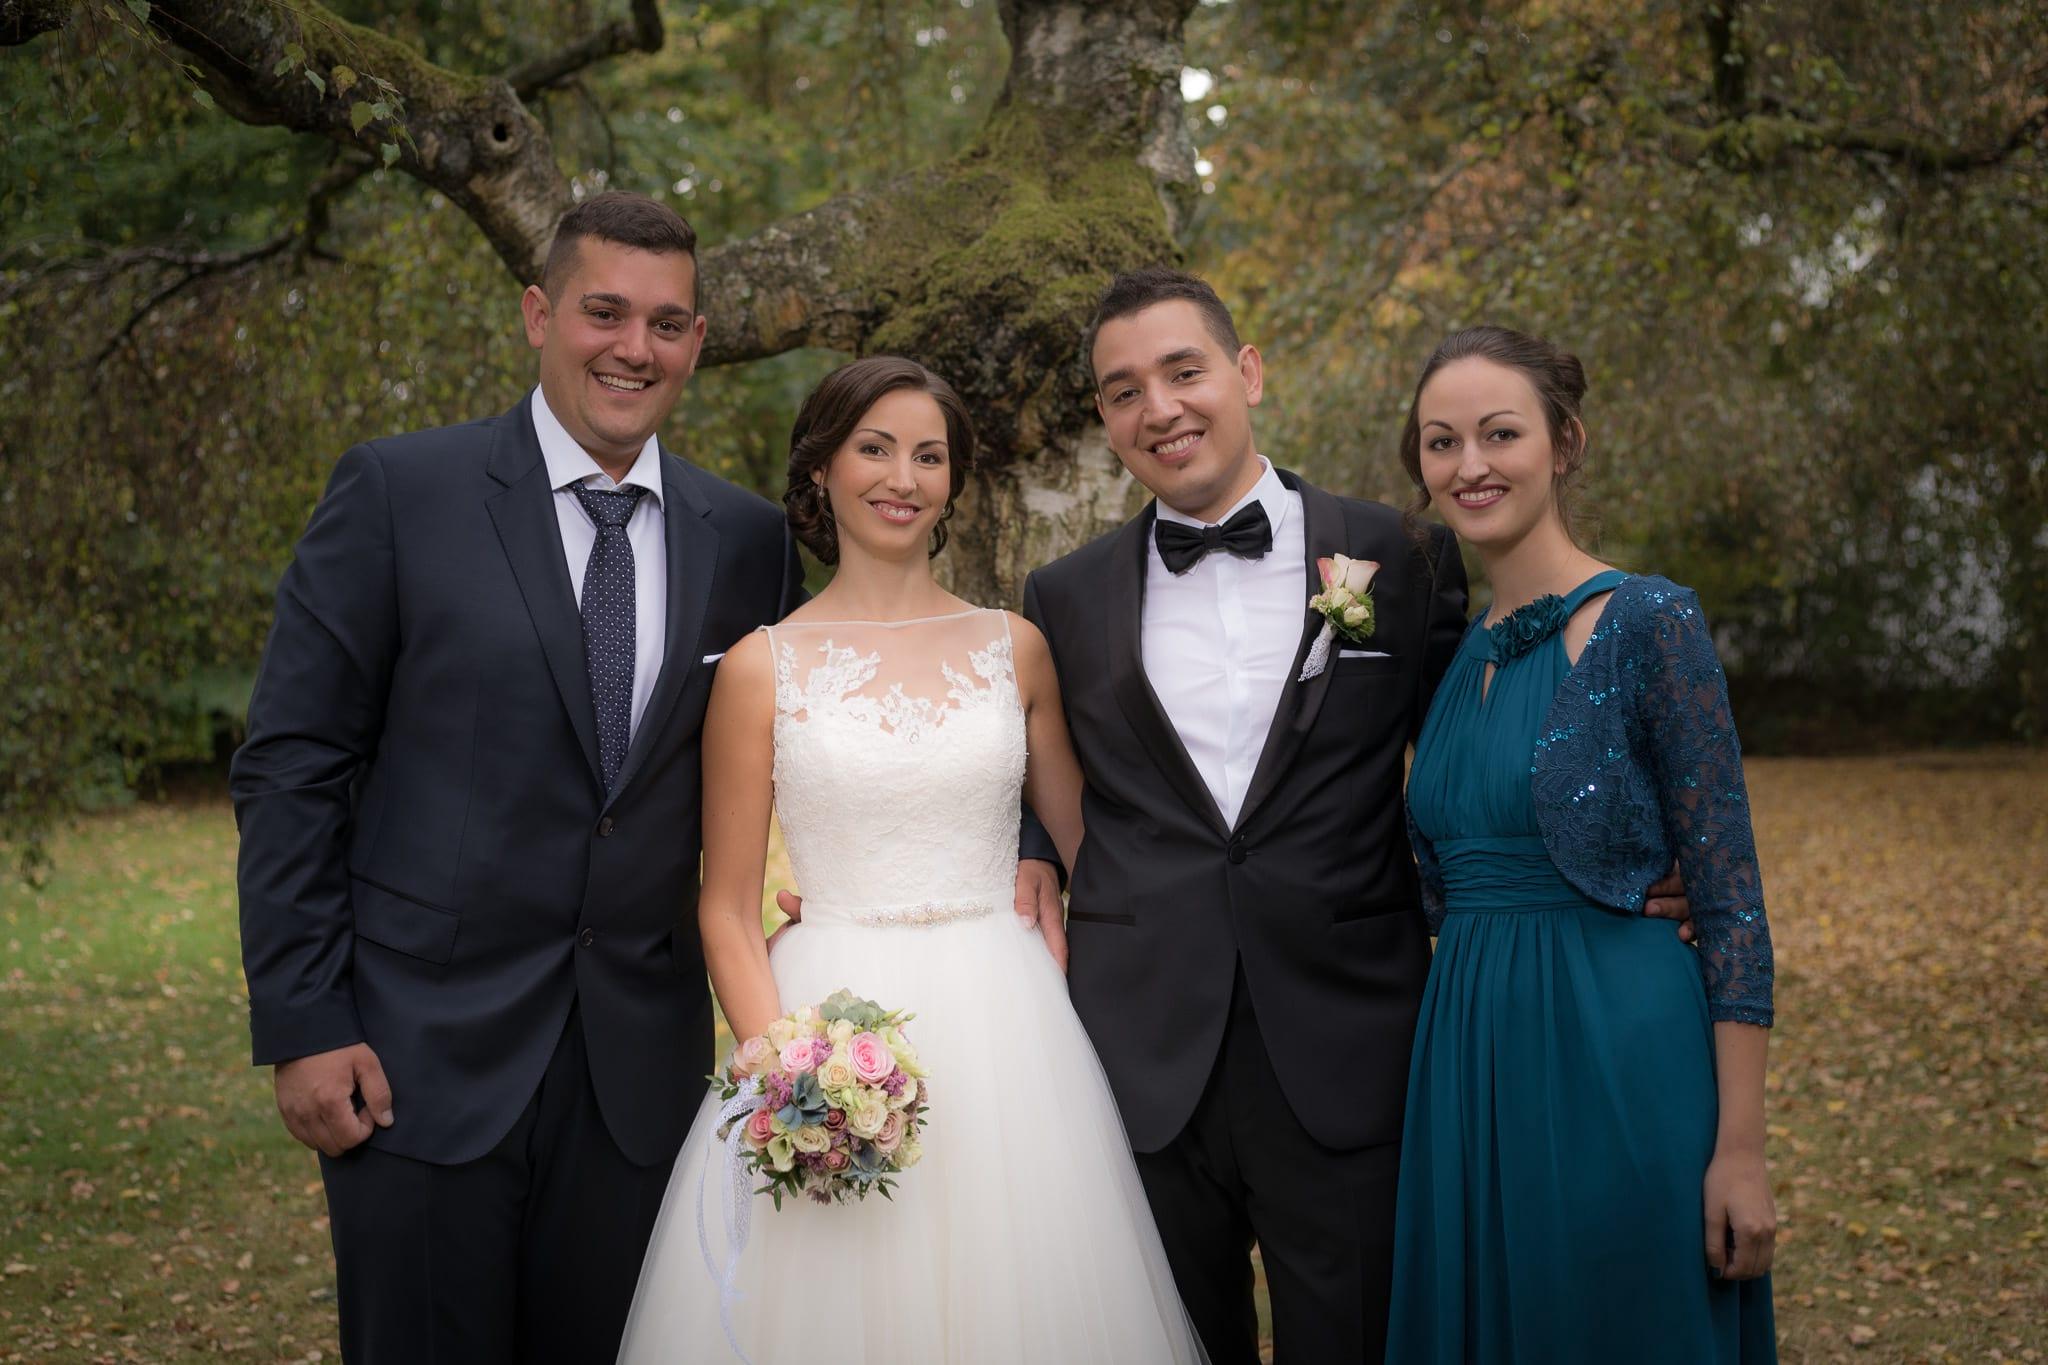 Brautpaarshooting mit Trauzeugen